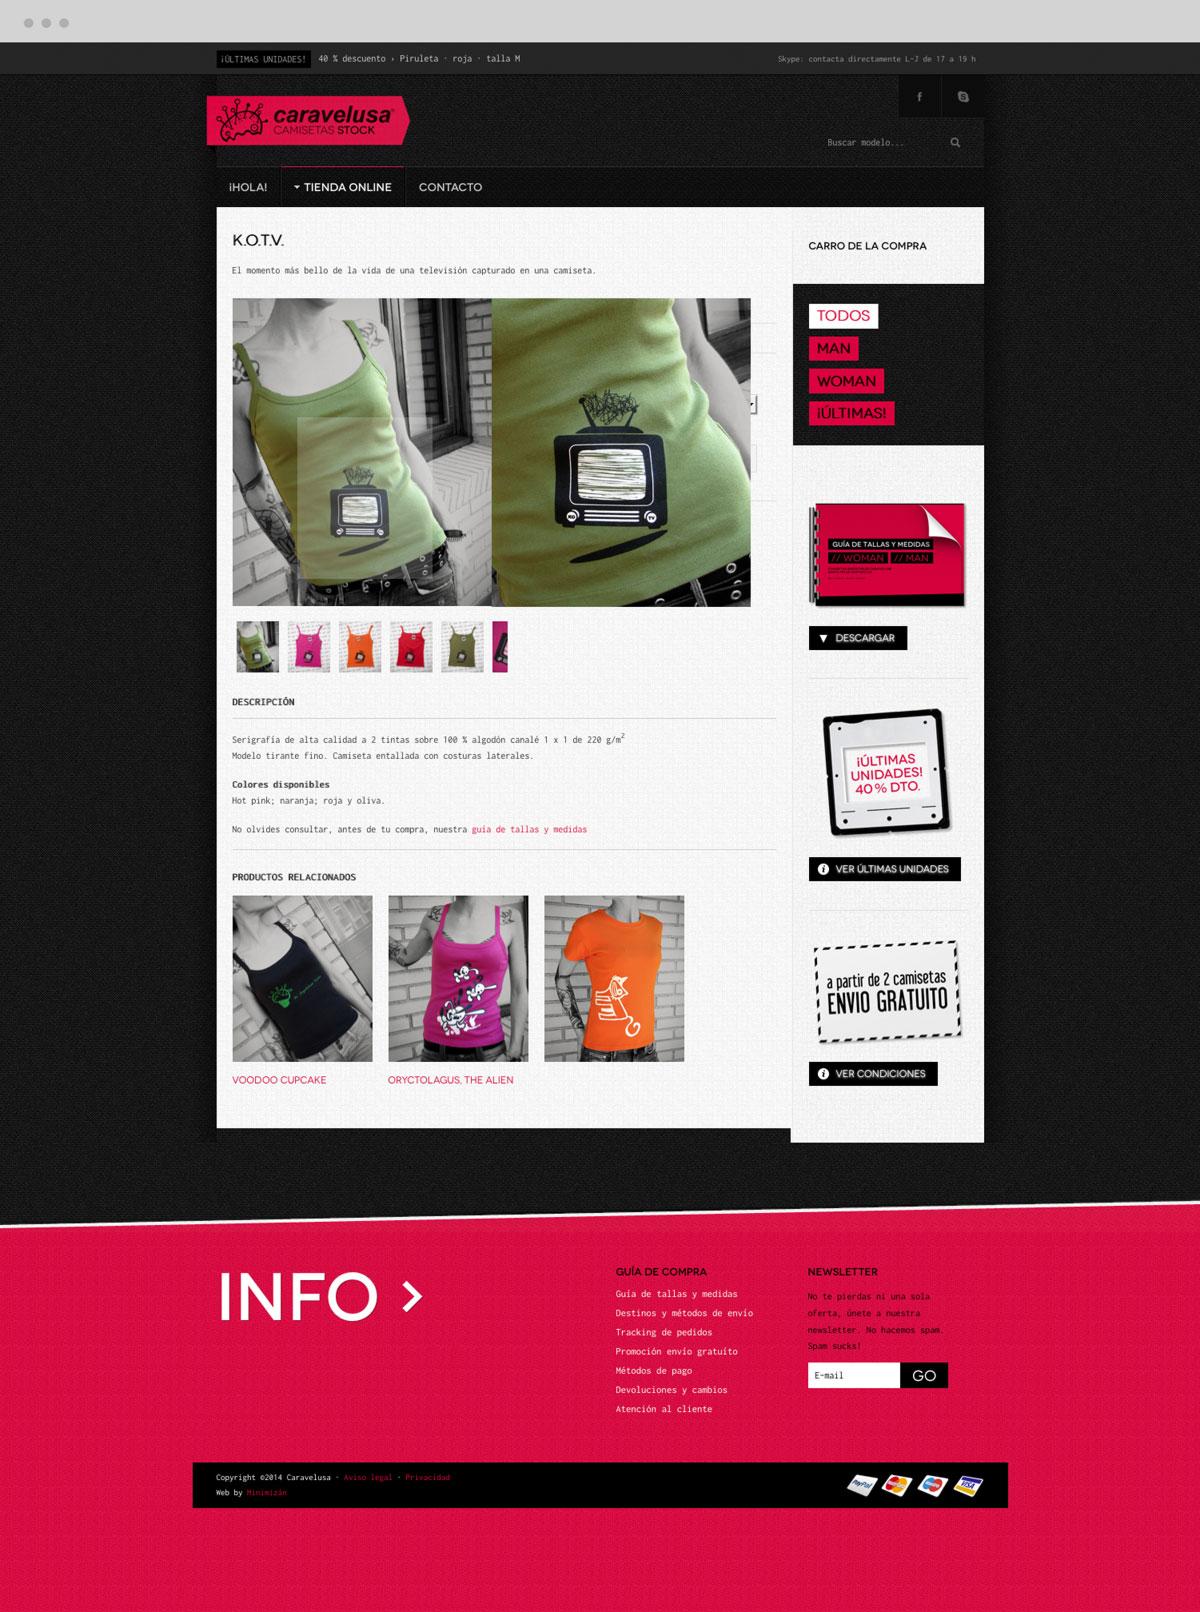 diseño de artículo femenimo en tienda online para Caravelusa